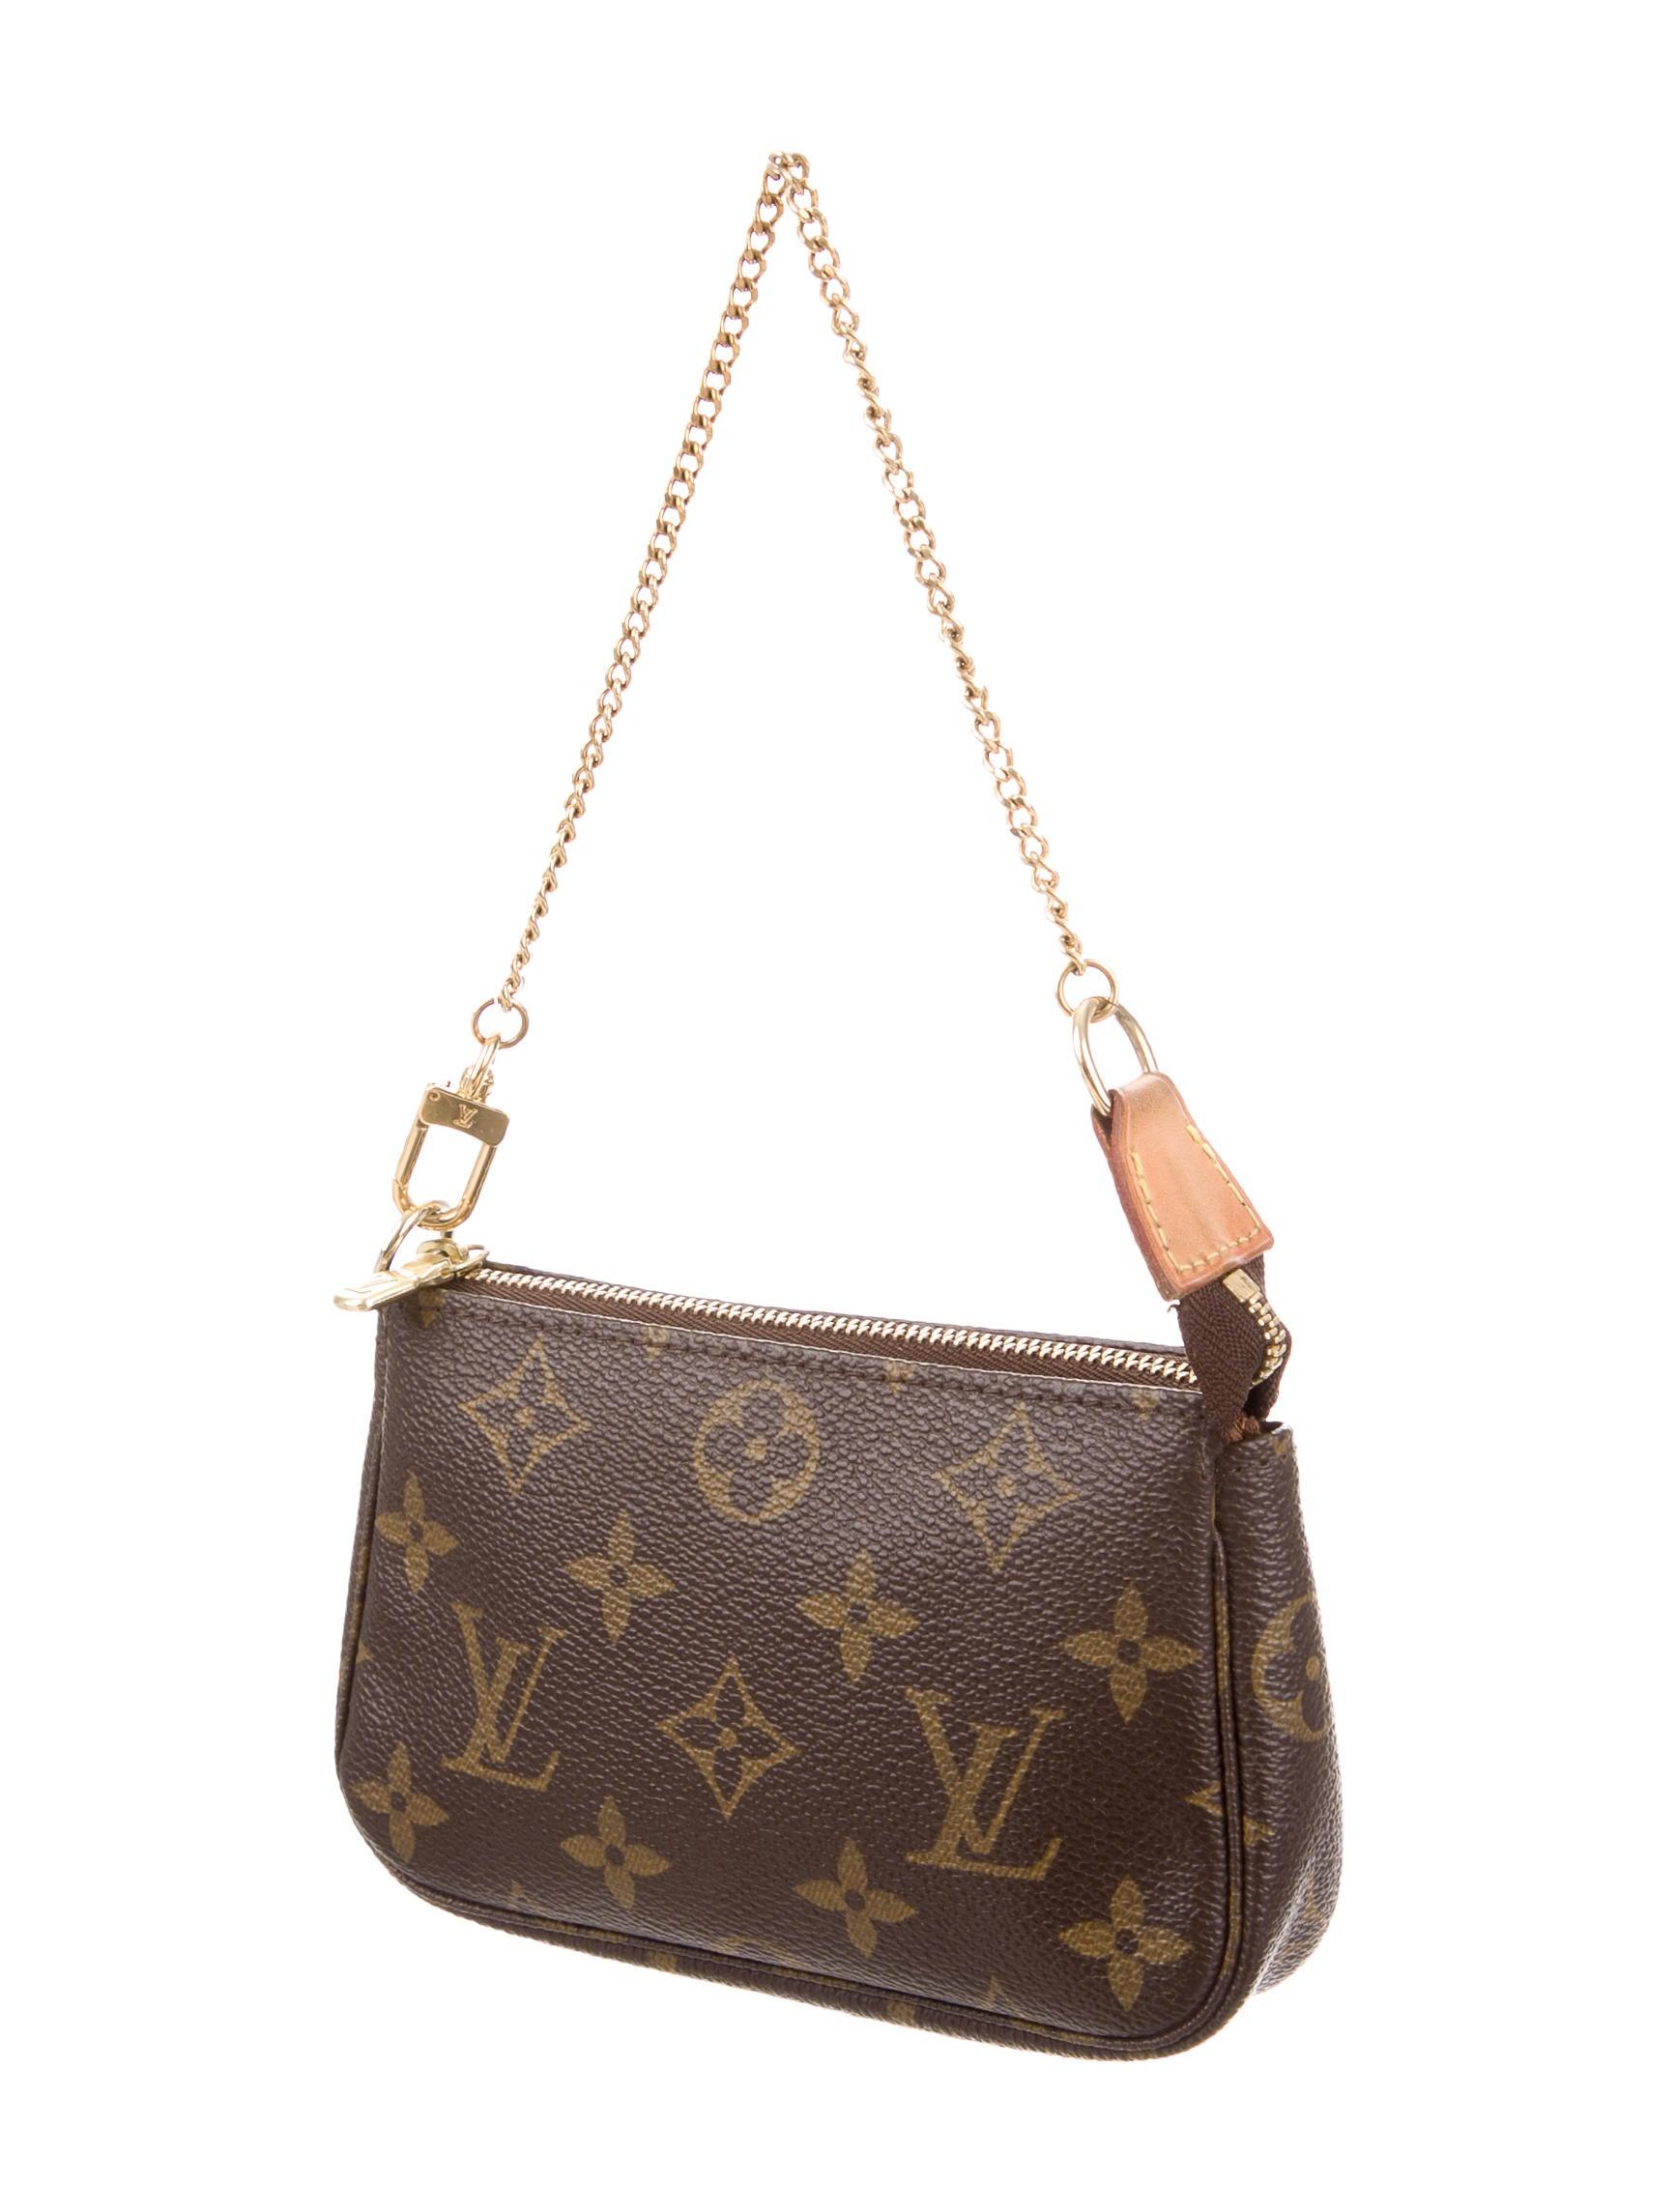 louis vuitton mini pochette accessoires handbags. Black Bedroom Furniture Sets. Home Design Ideas